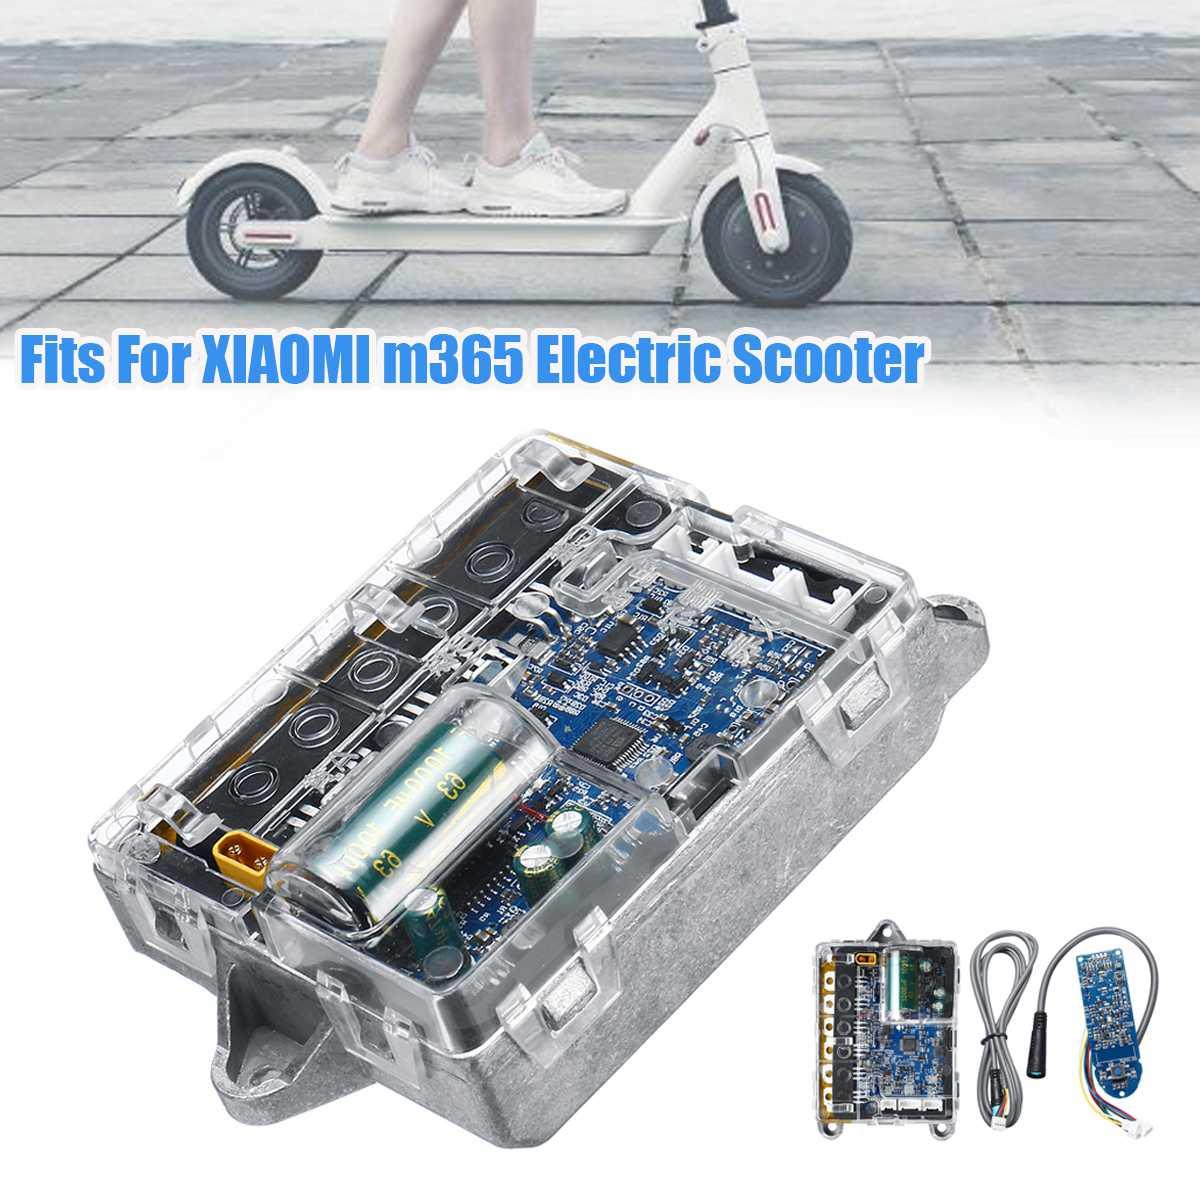 Pour XIAOMI M365 trottinette électrique BT Instrument circuit imprimé Scooter Planche À Roulettes Tableau de Bord Carte Mère Contrôleur pour ninebot